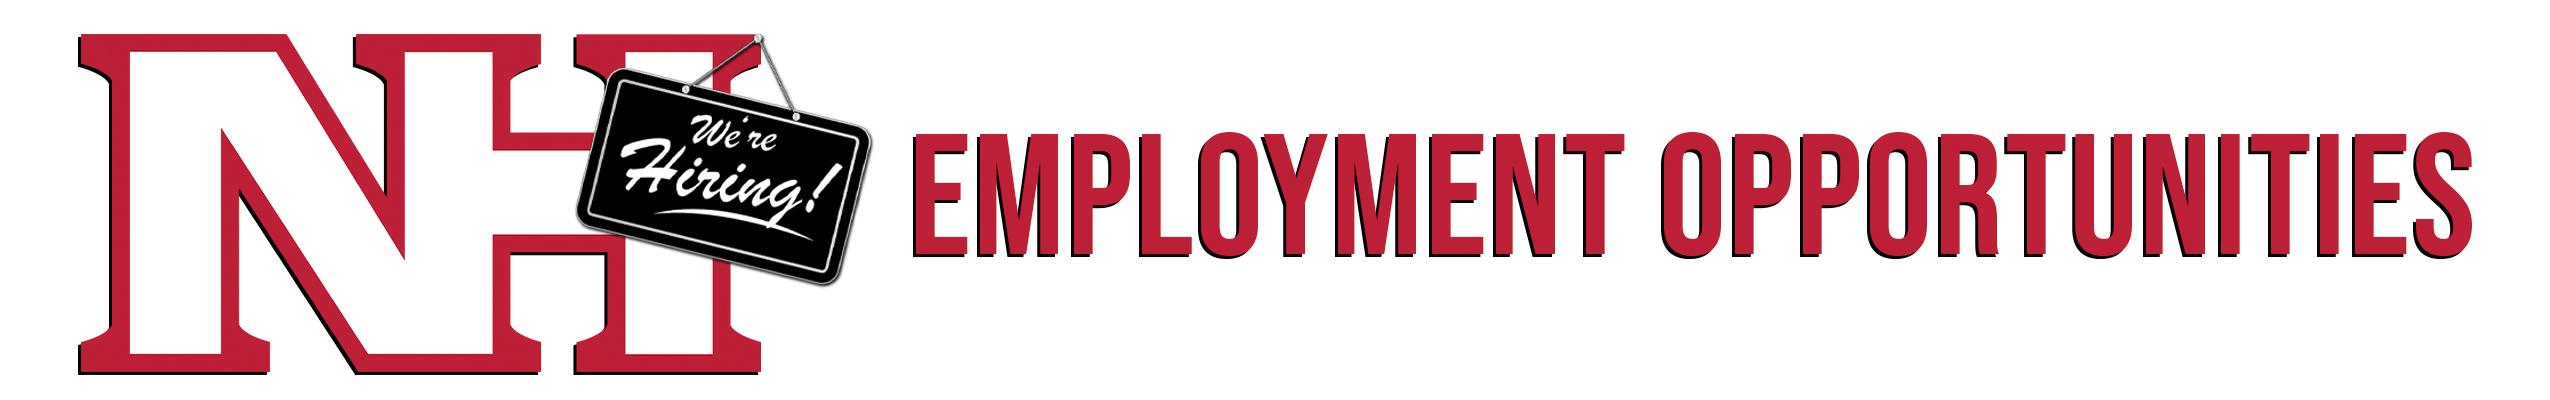 NHSDEmployment-banner.jpg